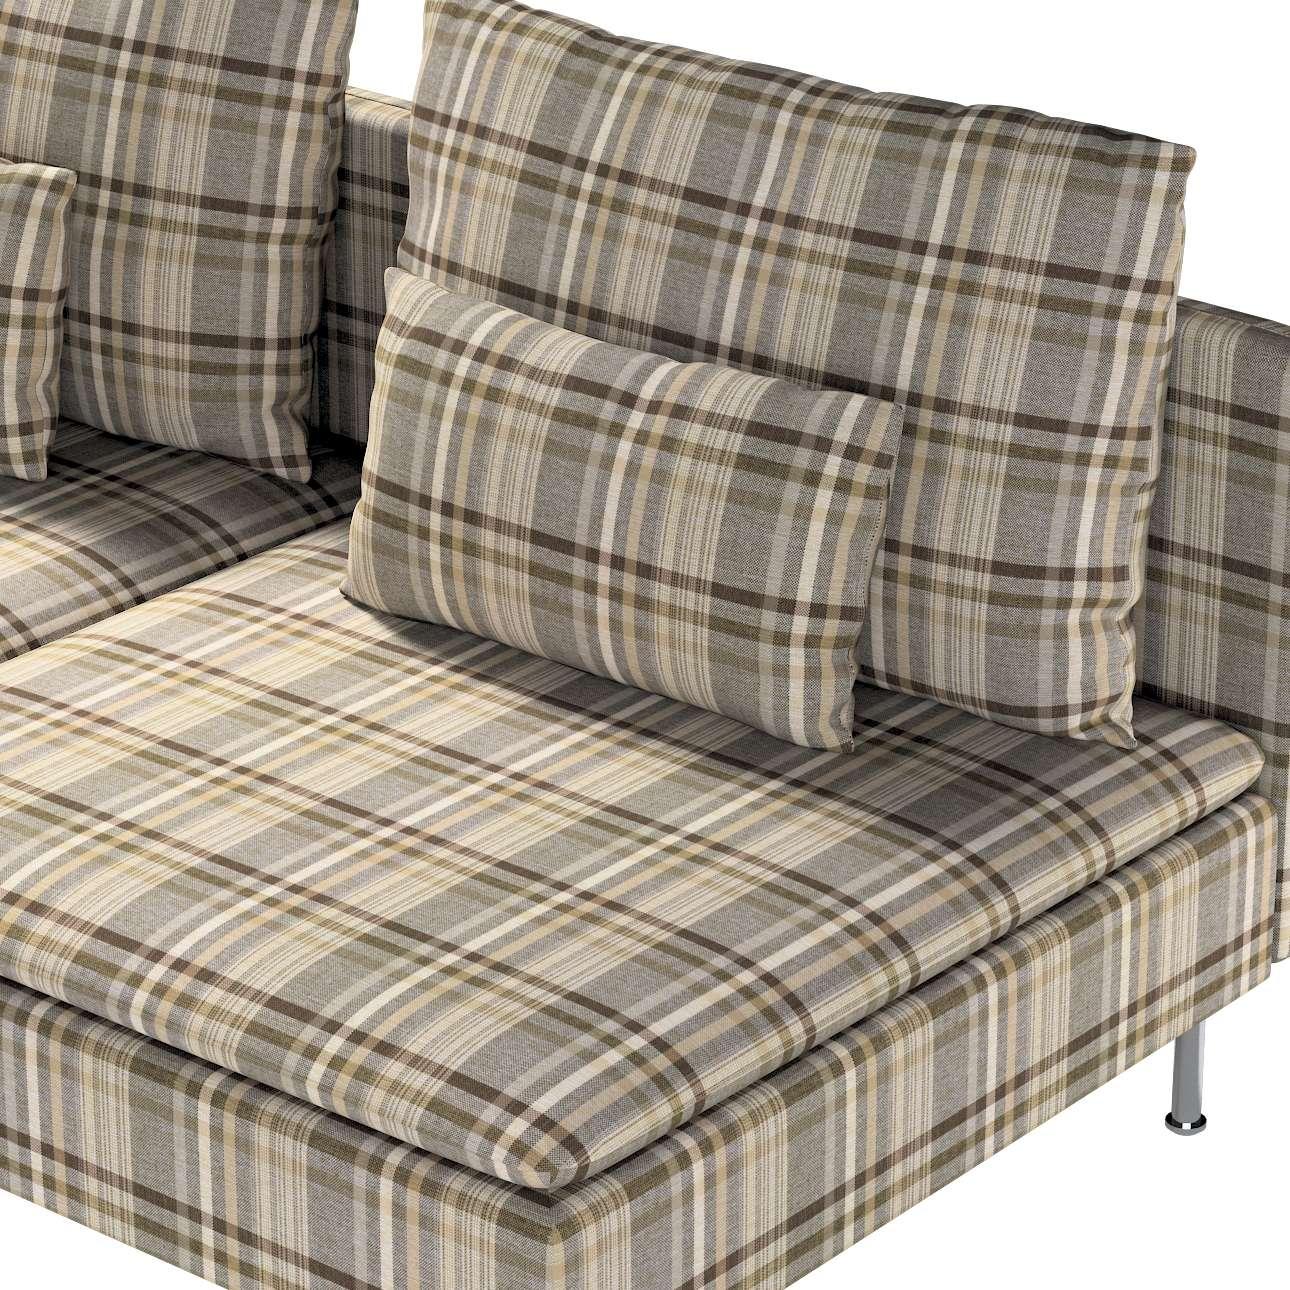 Bezug für Söderhamn Sitzelement 3 von der Kollektion Edinburgh, Stoff: 703-17